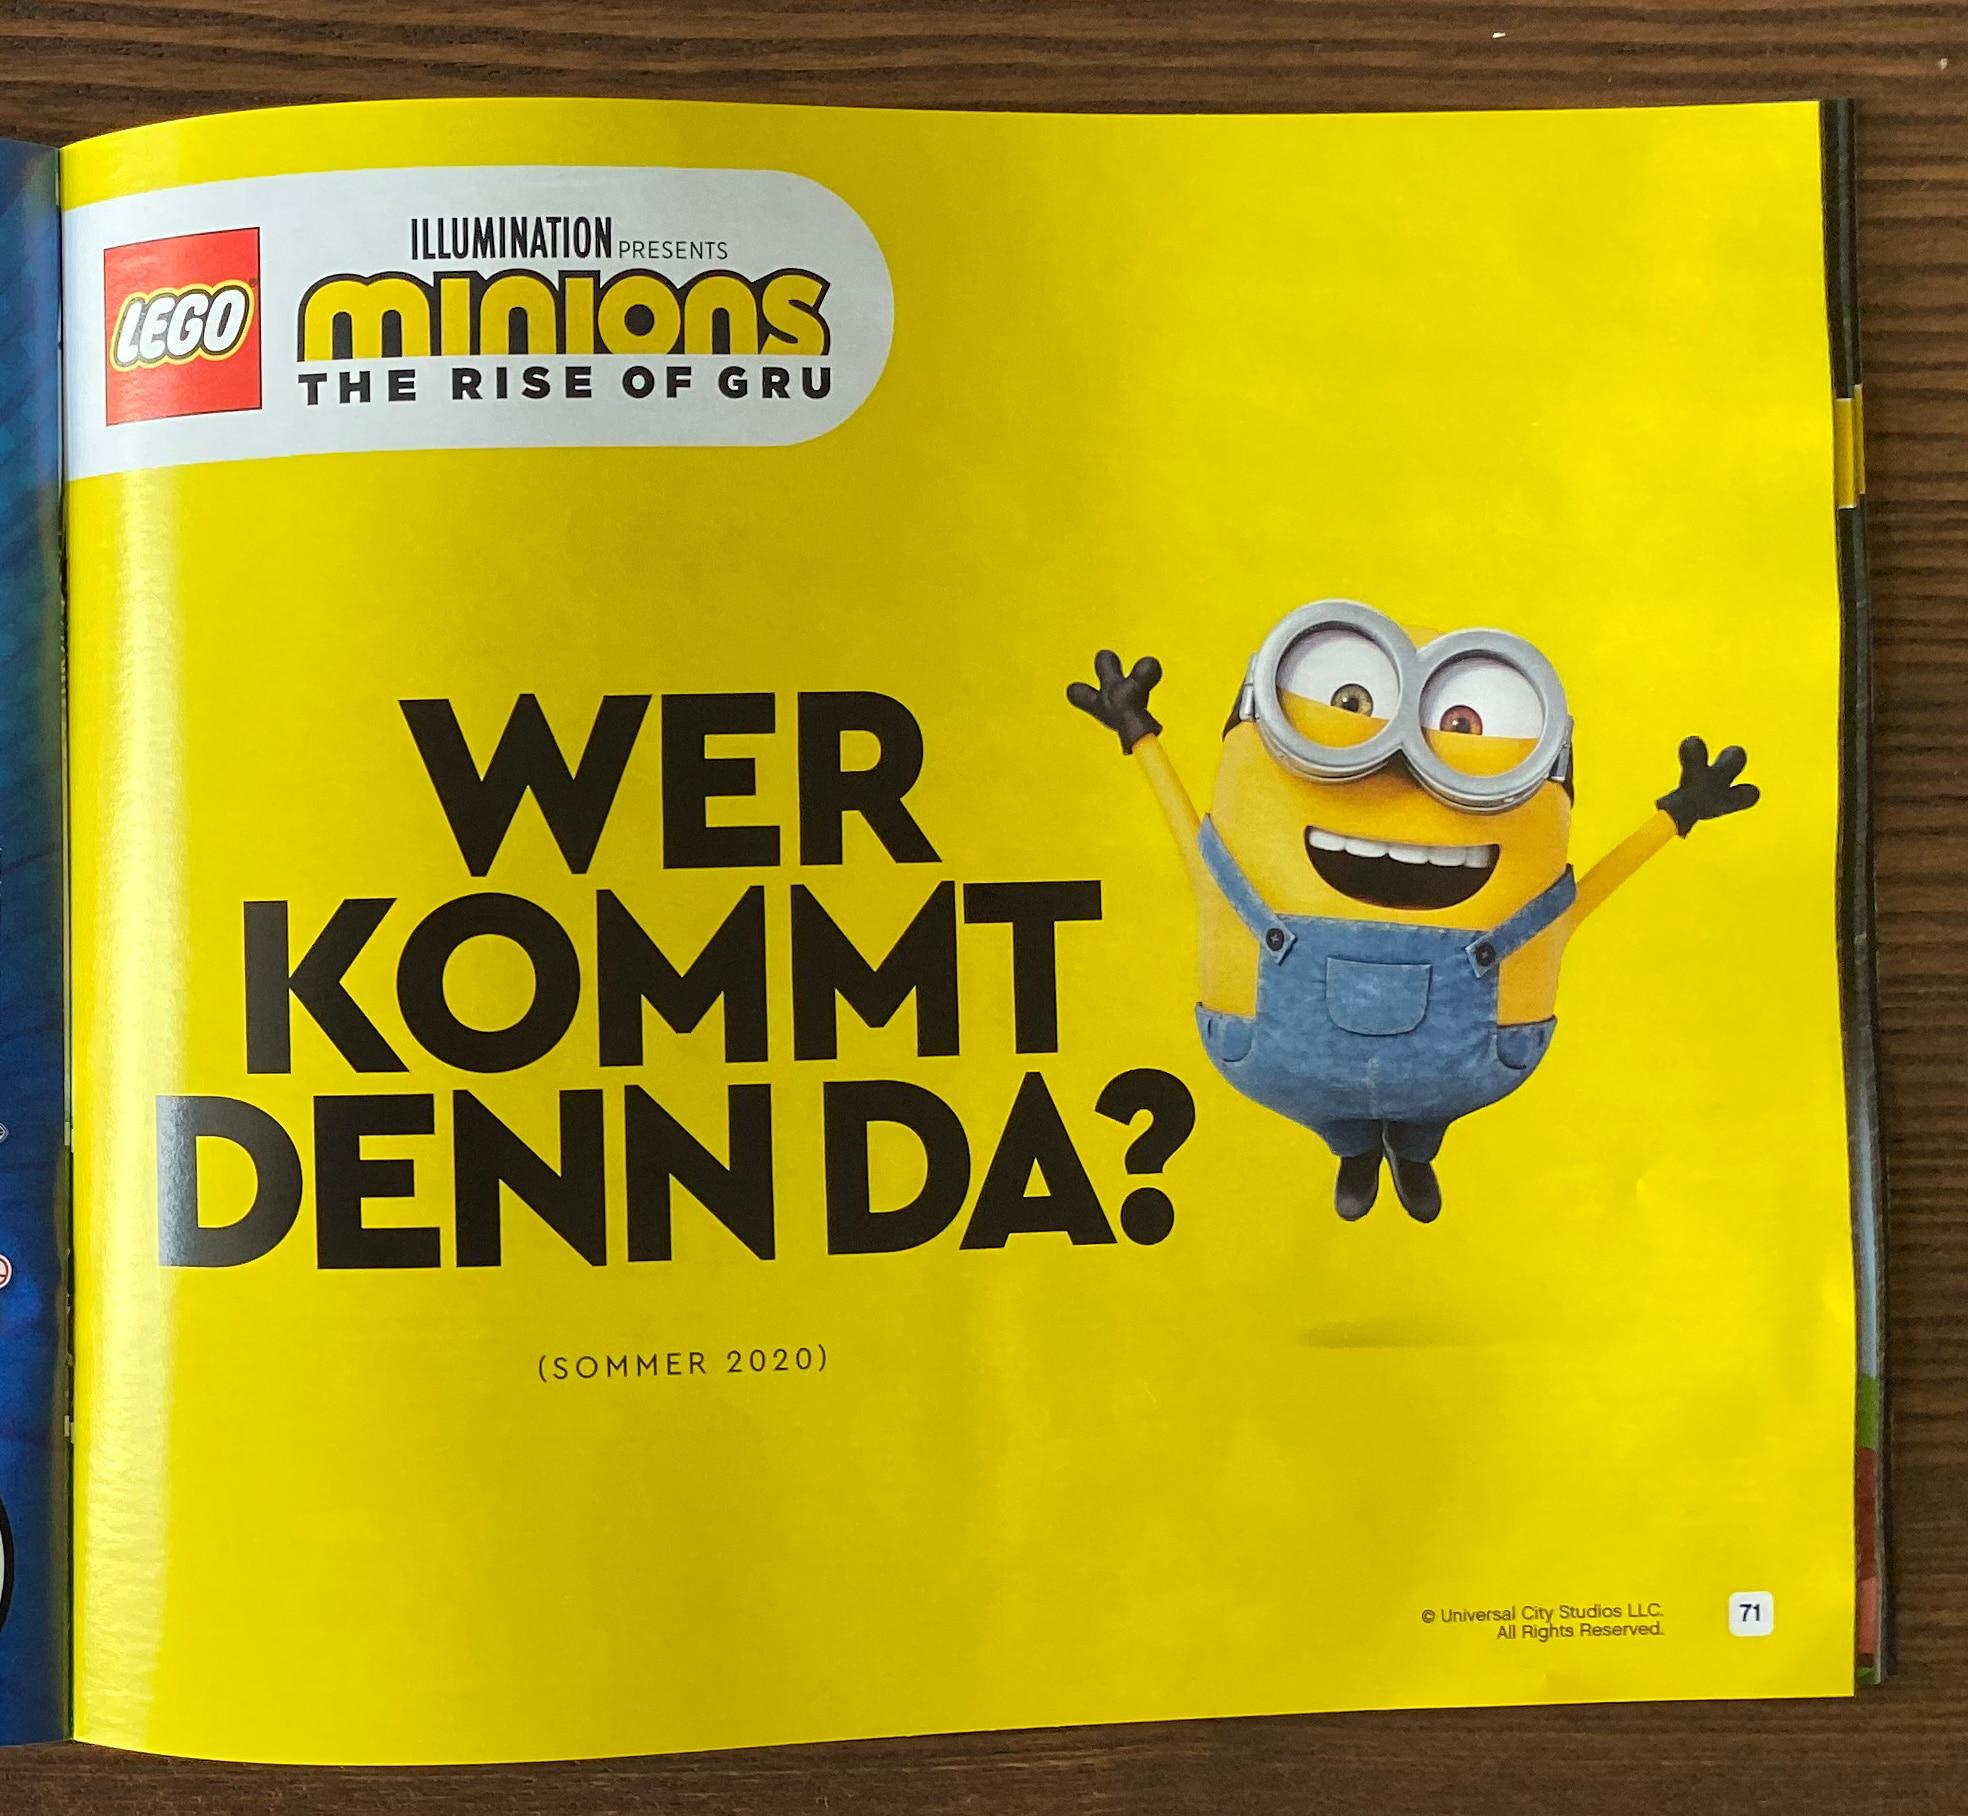 LEGO Minions kommen im Sommer 2020